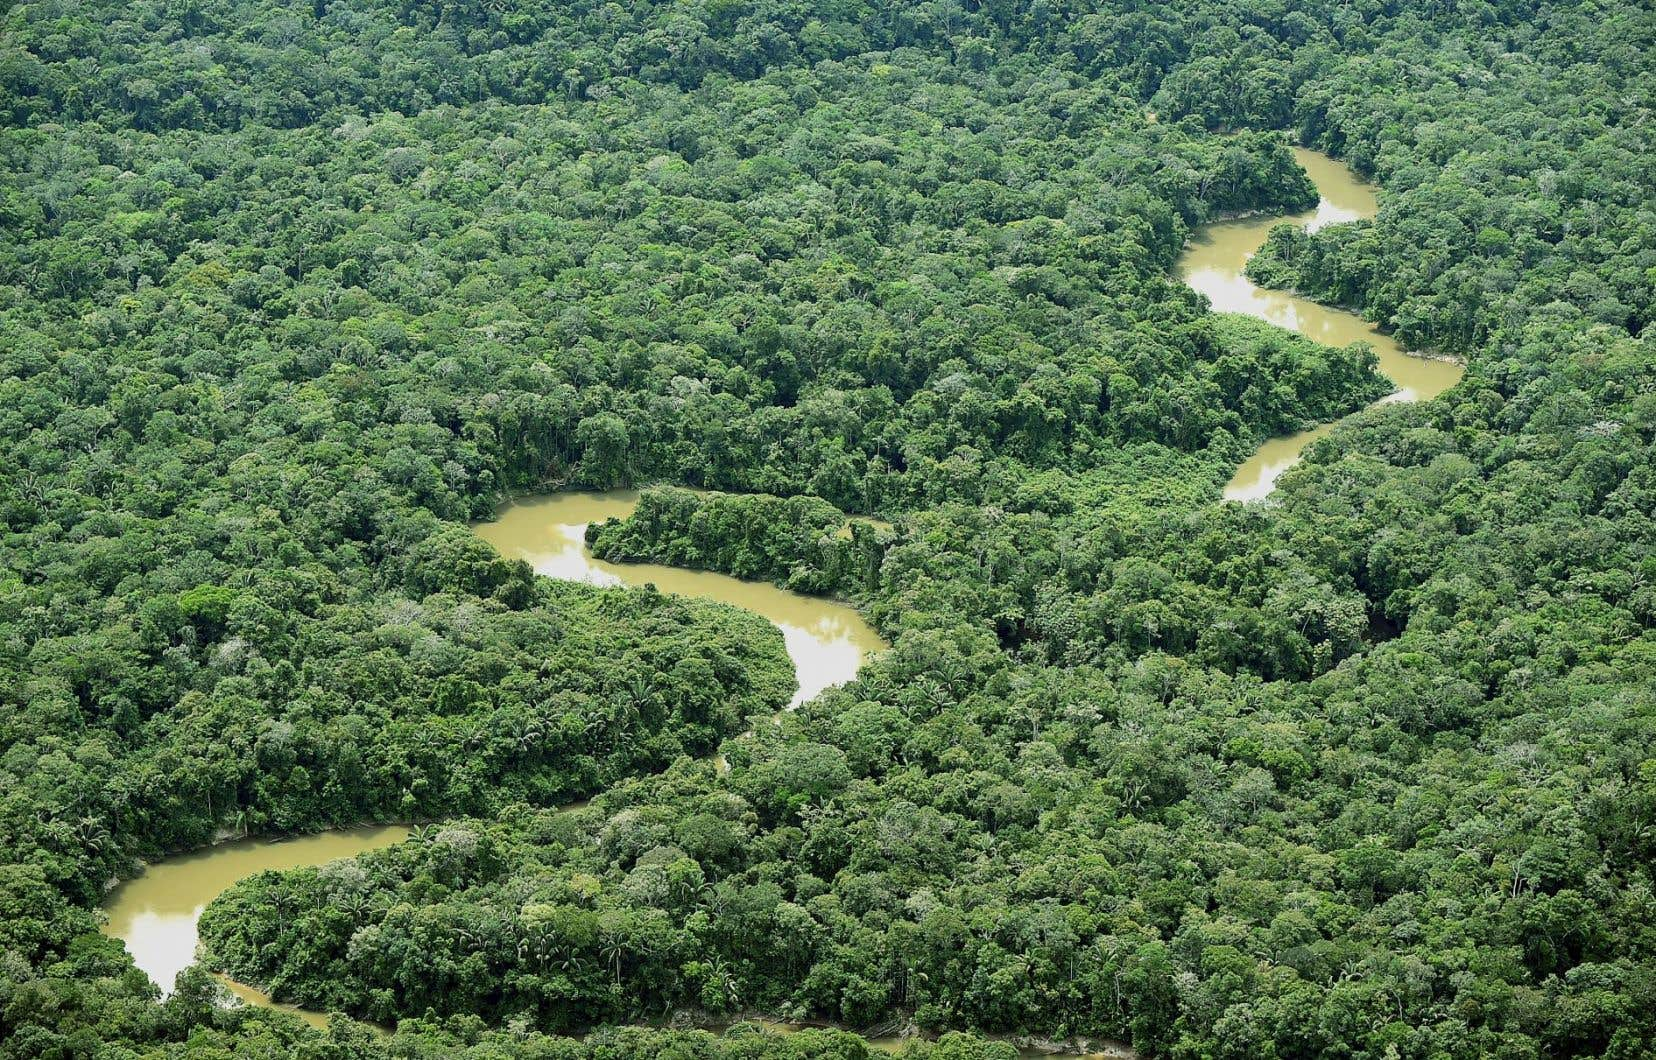 La rivière Guainia, dans le département du même nom, où le gouvernement colombien a lancé des activités minières illégales.